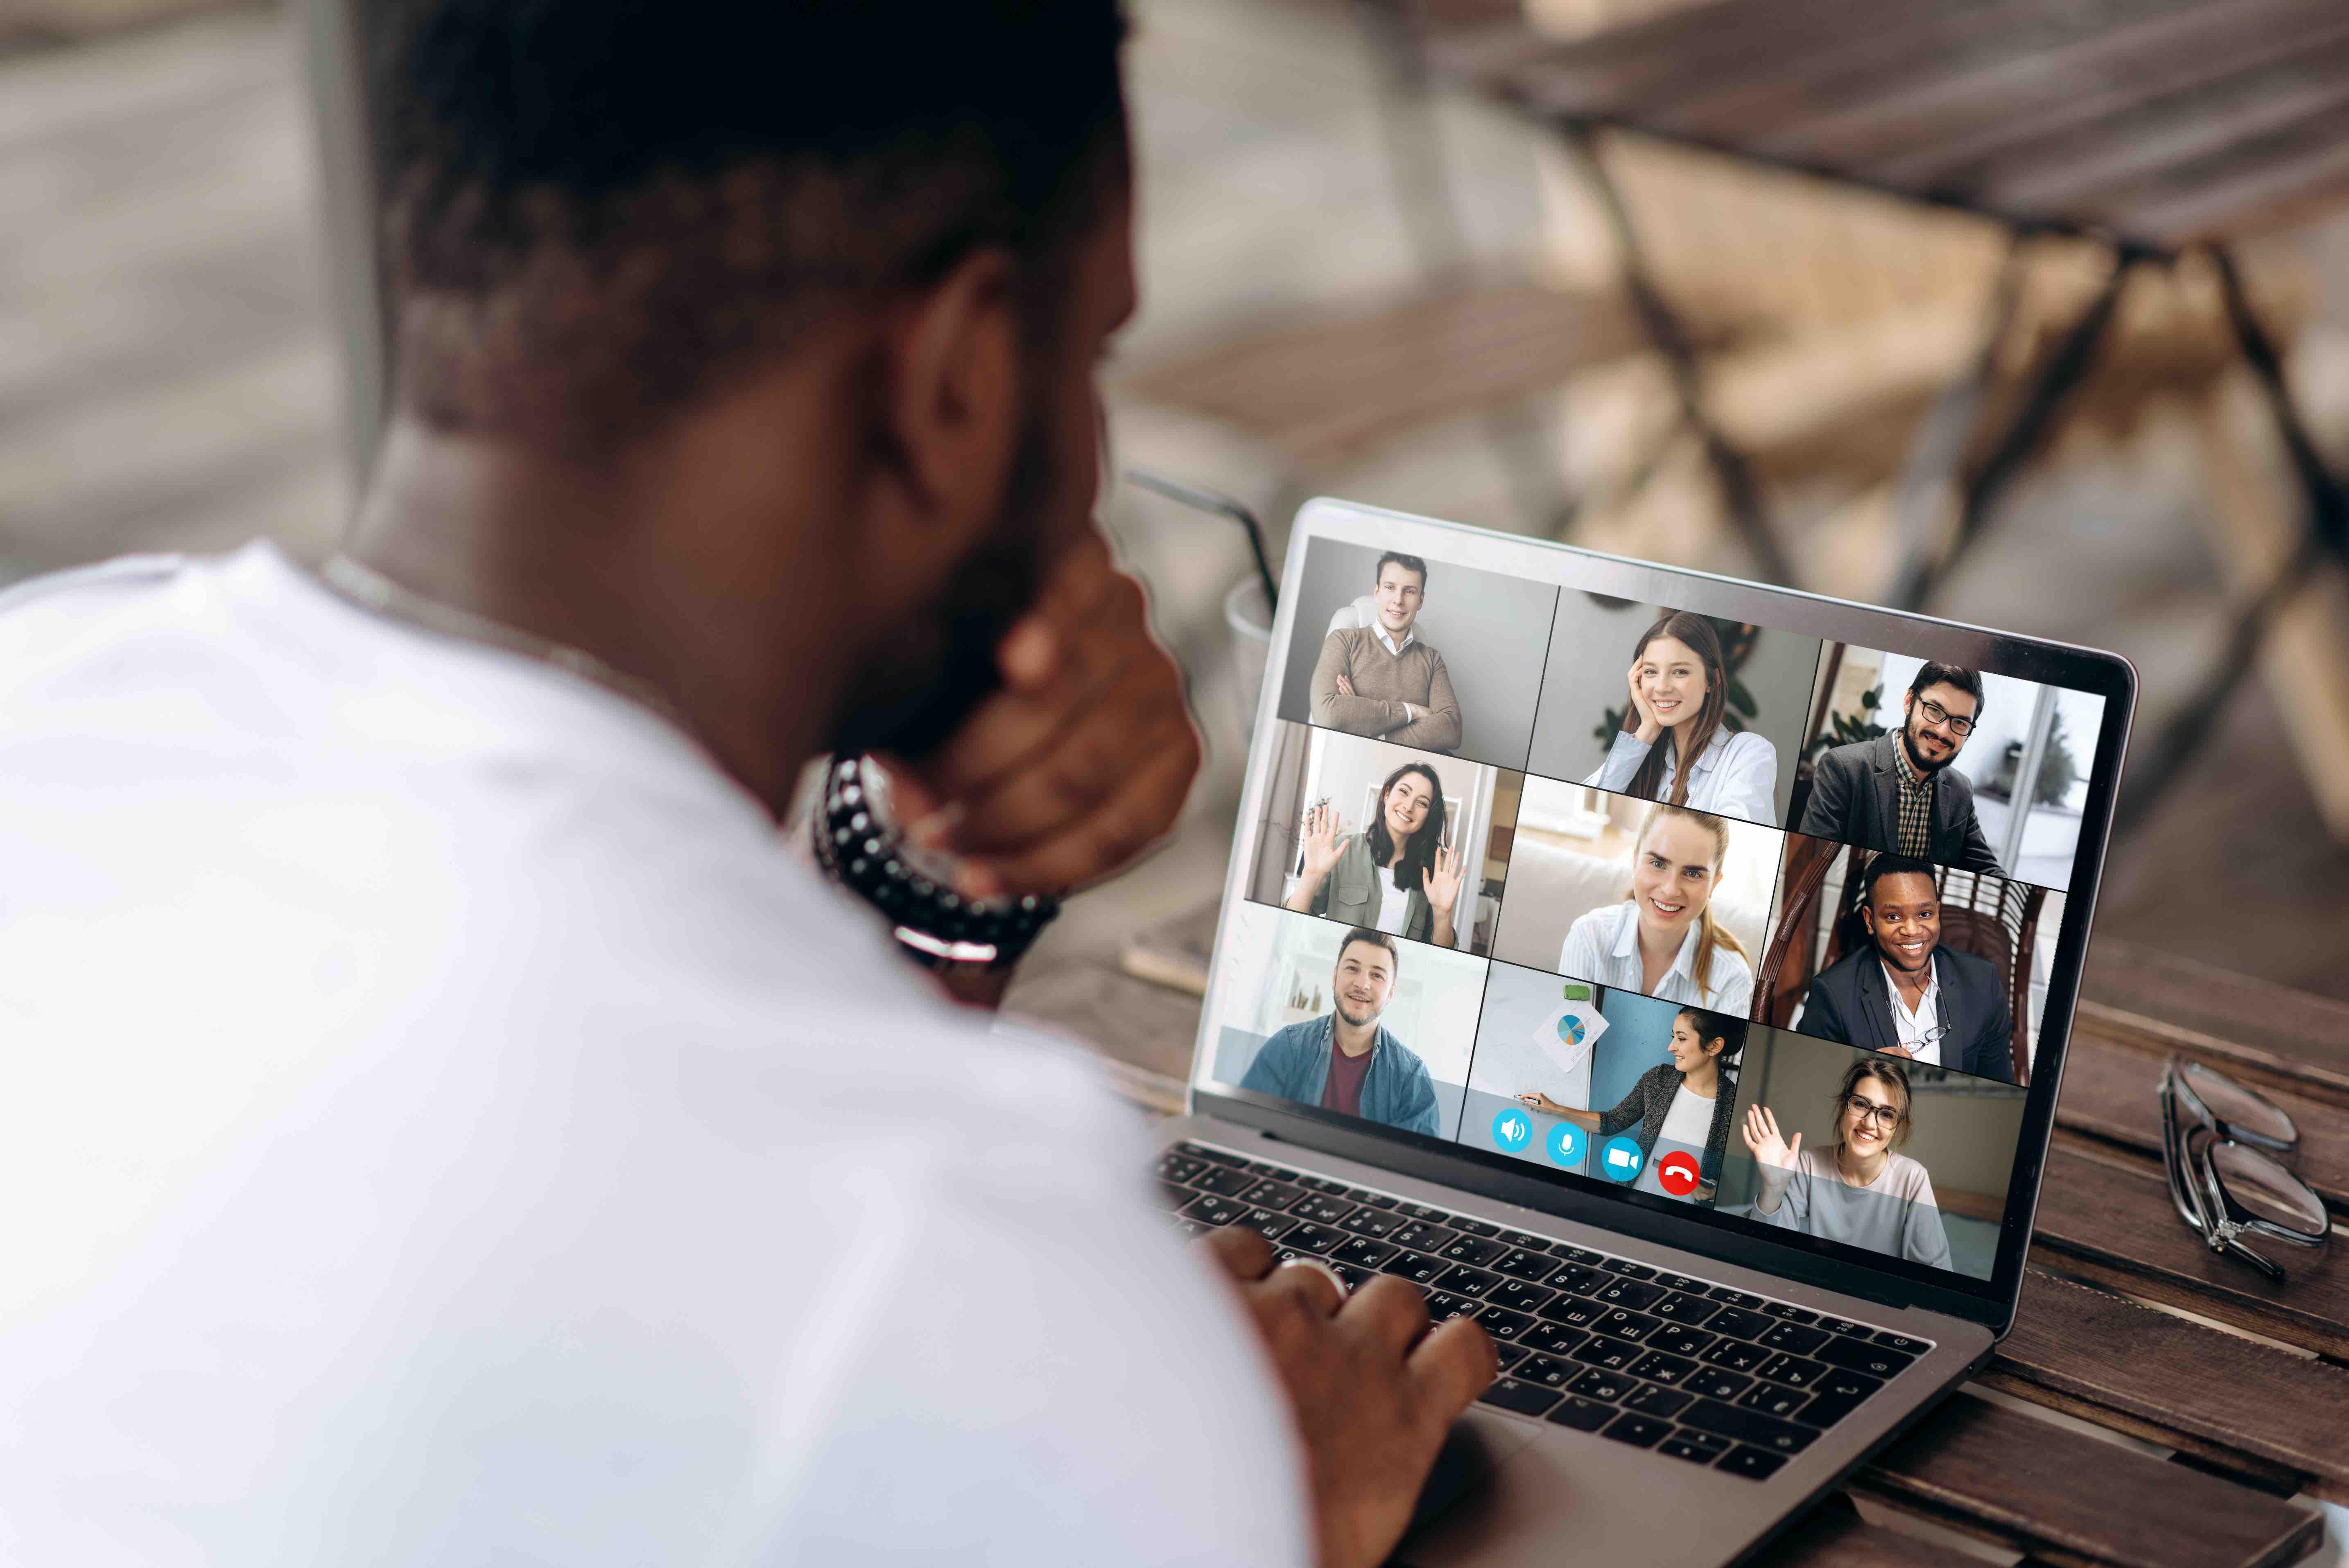 Man in a virtual meeting